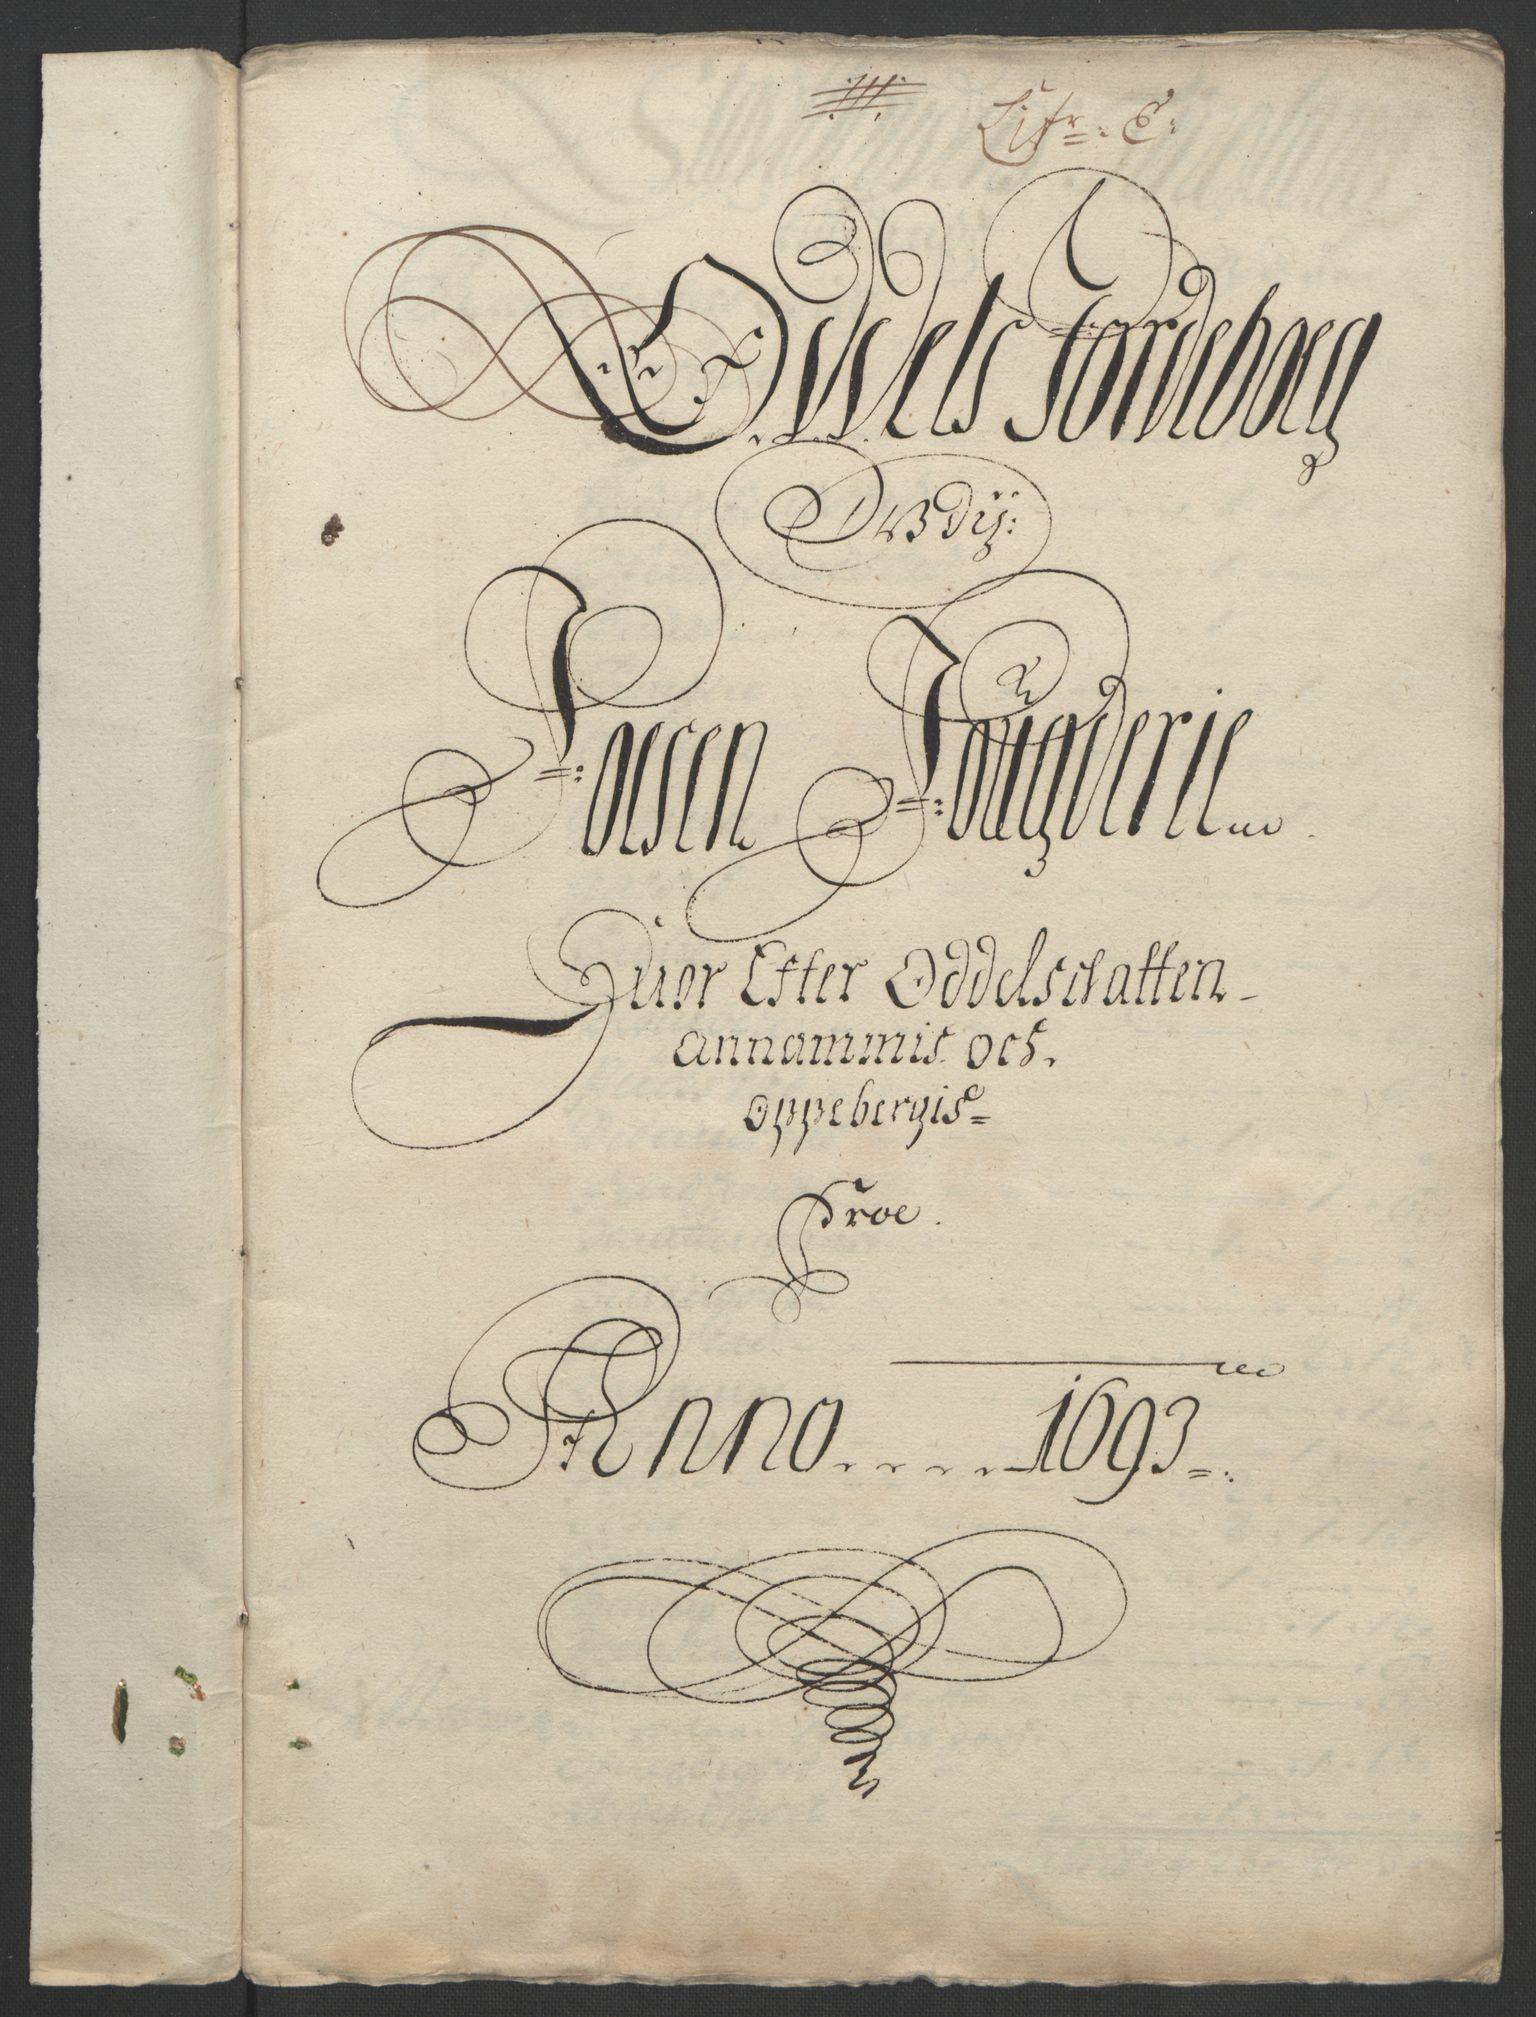 RA, Rentekammeret inntil 1814, Reviderte regnskaper, Fogderegnskap, R57/L3849: Fogderegnskap Fosen, 1692-1693, s. 455